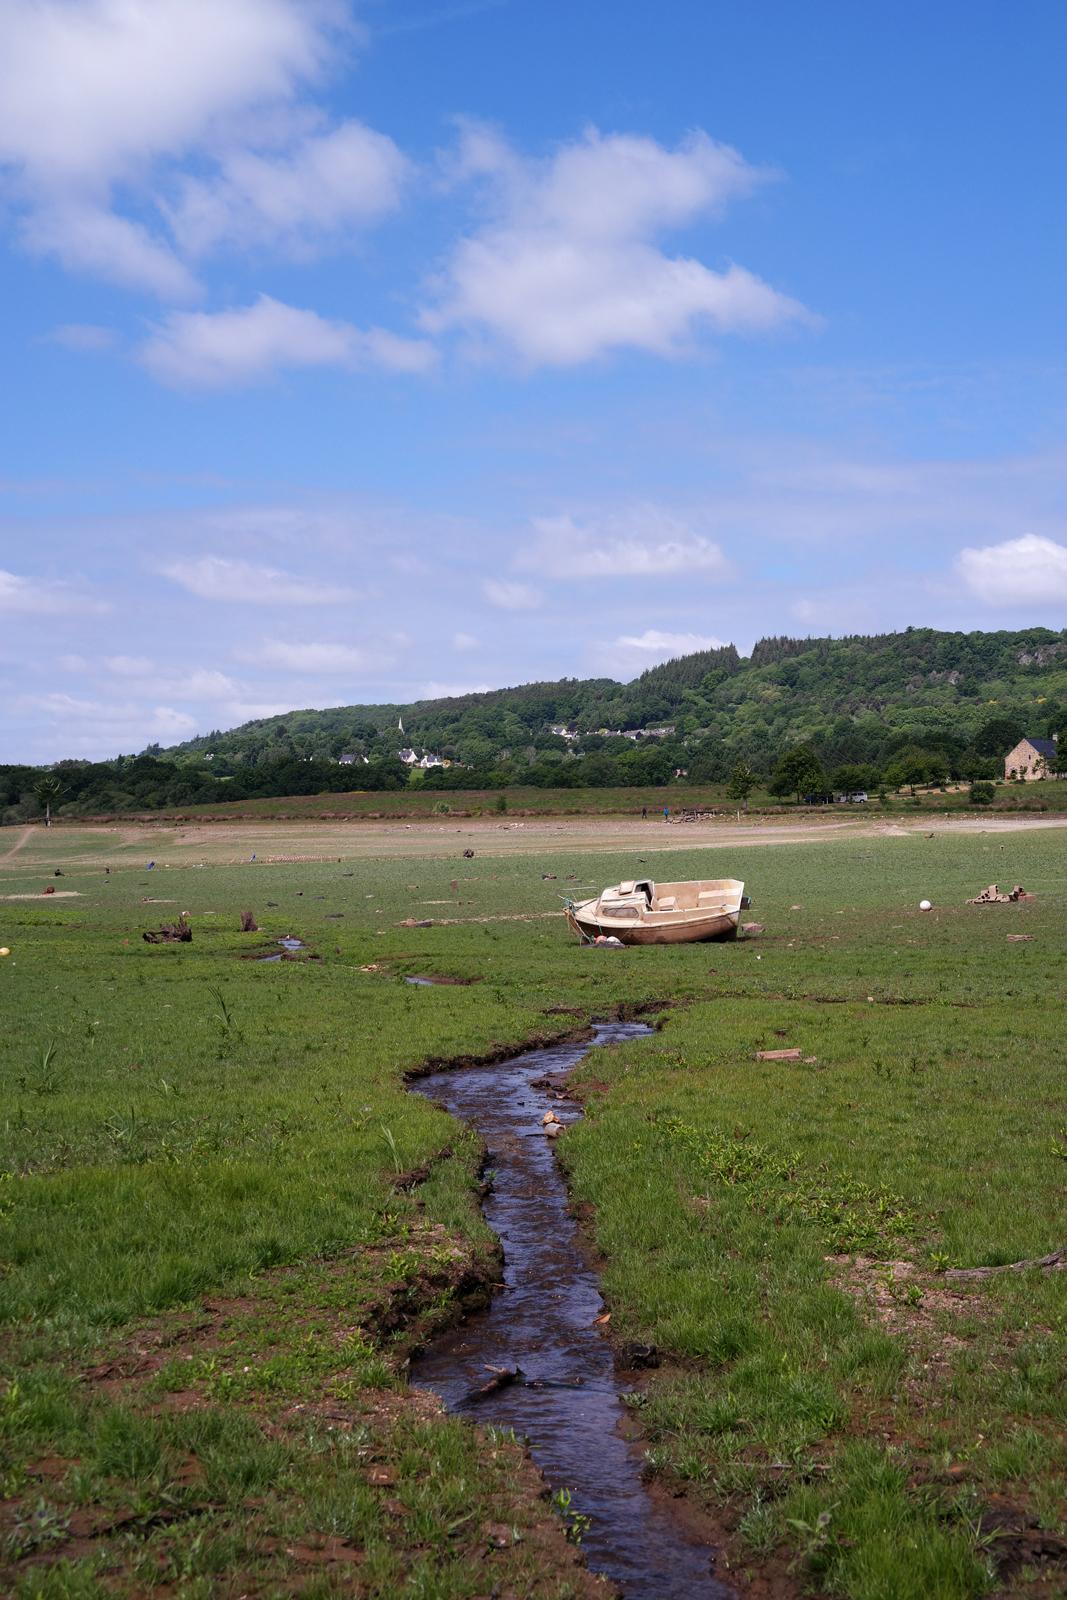 Lac-de-Guerledan-vidange-2015-barrage-vide-point-de-vue-panoramique-Landroanec-plage-bateau-abandonné-Bretagne-tourisme-circuit-découverte-photo-by-blog-united-states-of-paris